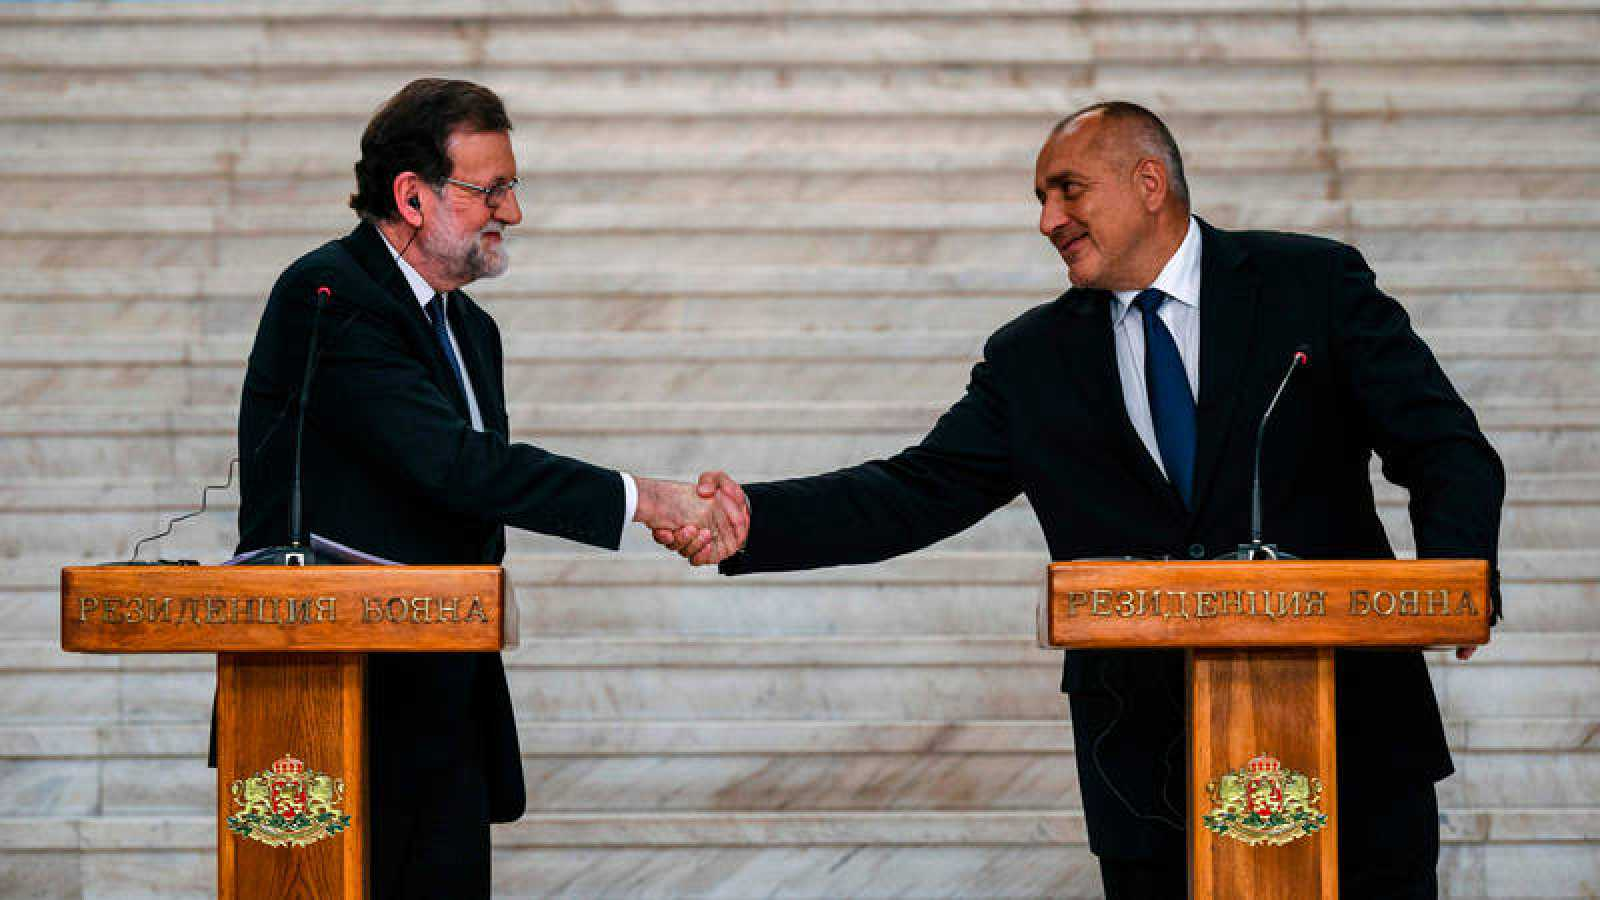 El presidente del Gobierno español, Mariano Rajoy, en la rueda de prensa conjunta ofrecida con su homólogo búlgaro, Boiko Borisov